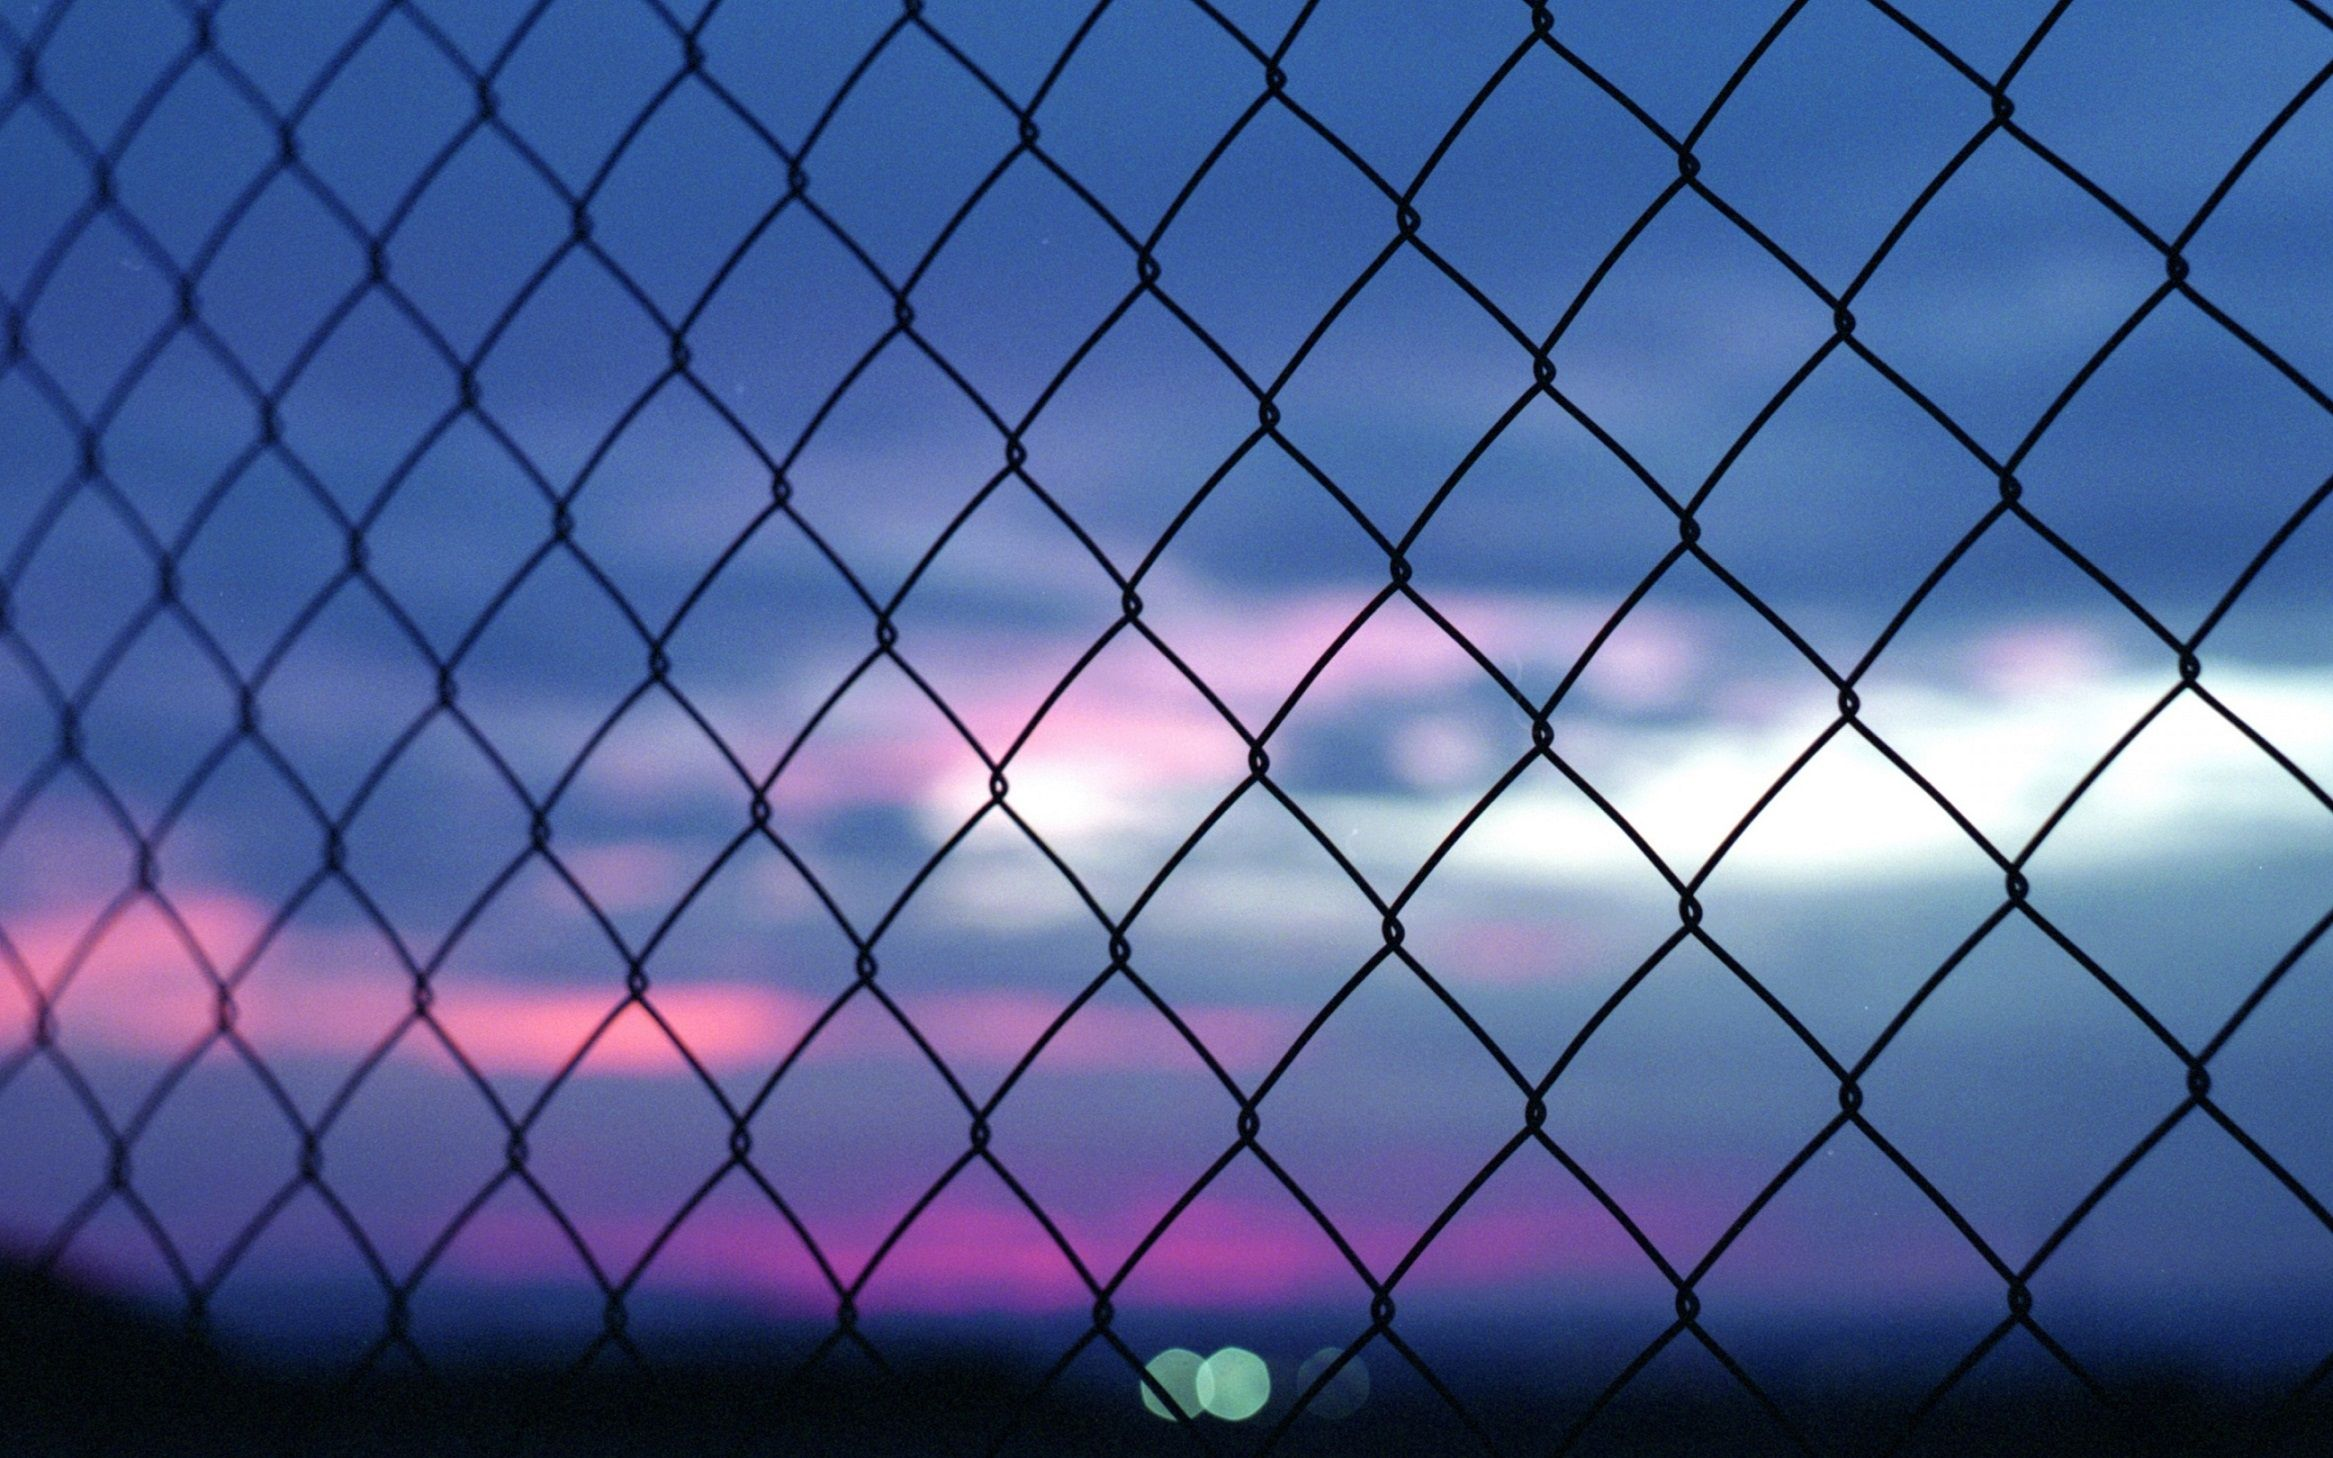 Tumblr Grunge Laptop Wallpapers on WallpaperDog